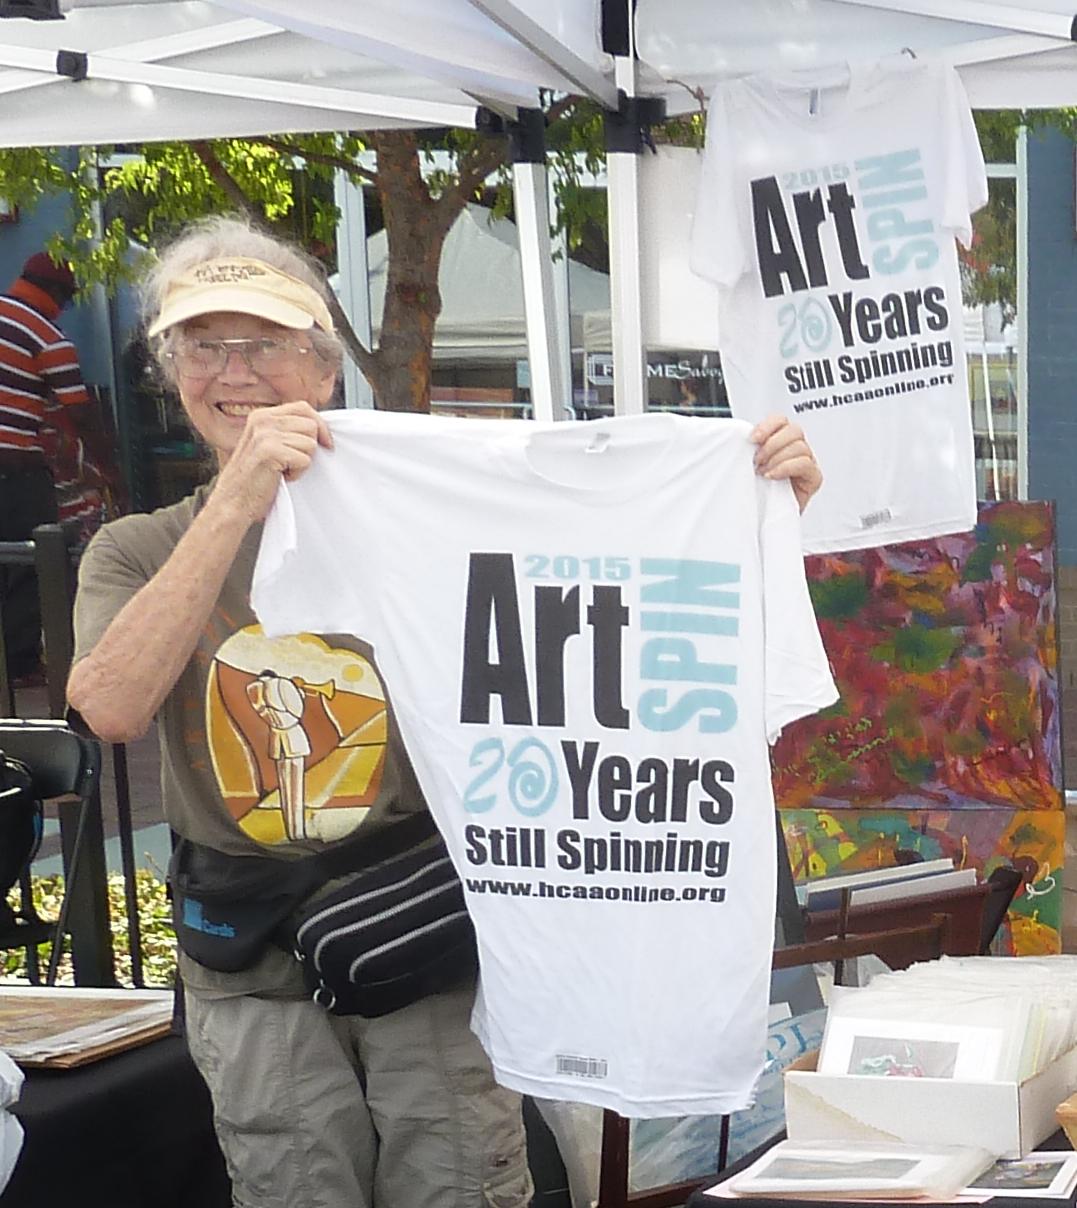 Art Spin 2015, 20 years Still Spinning